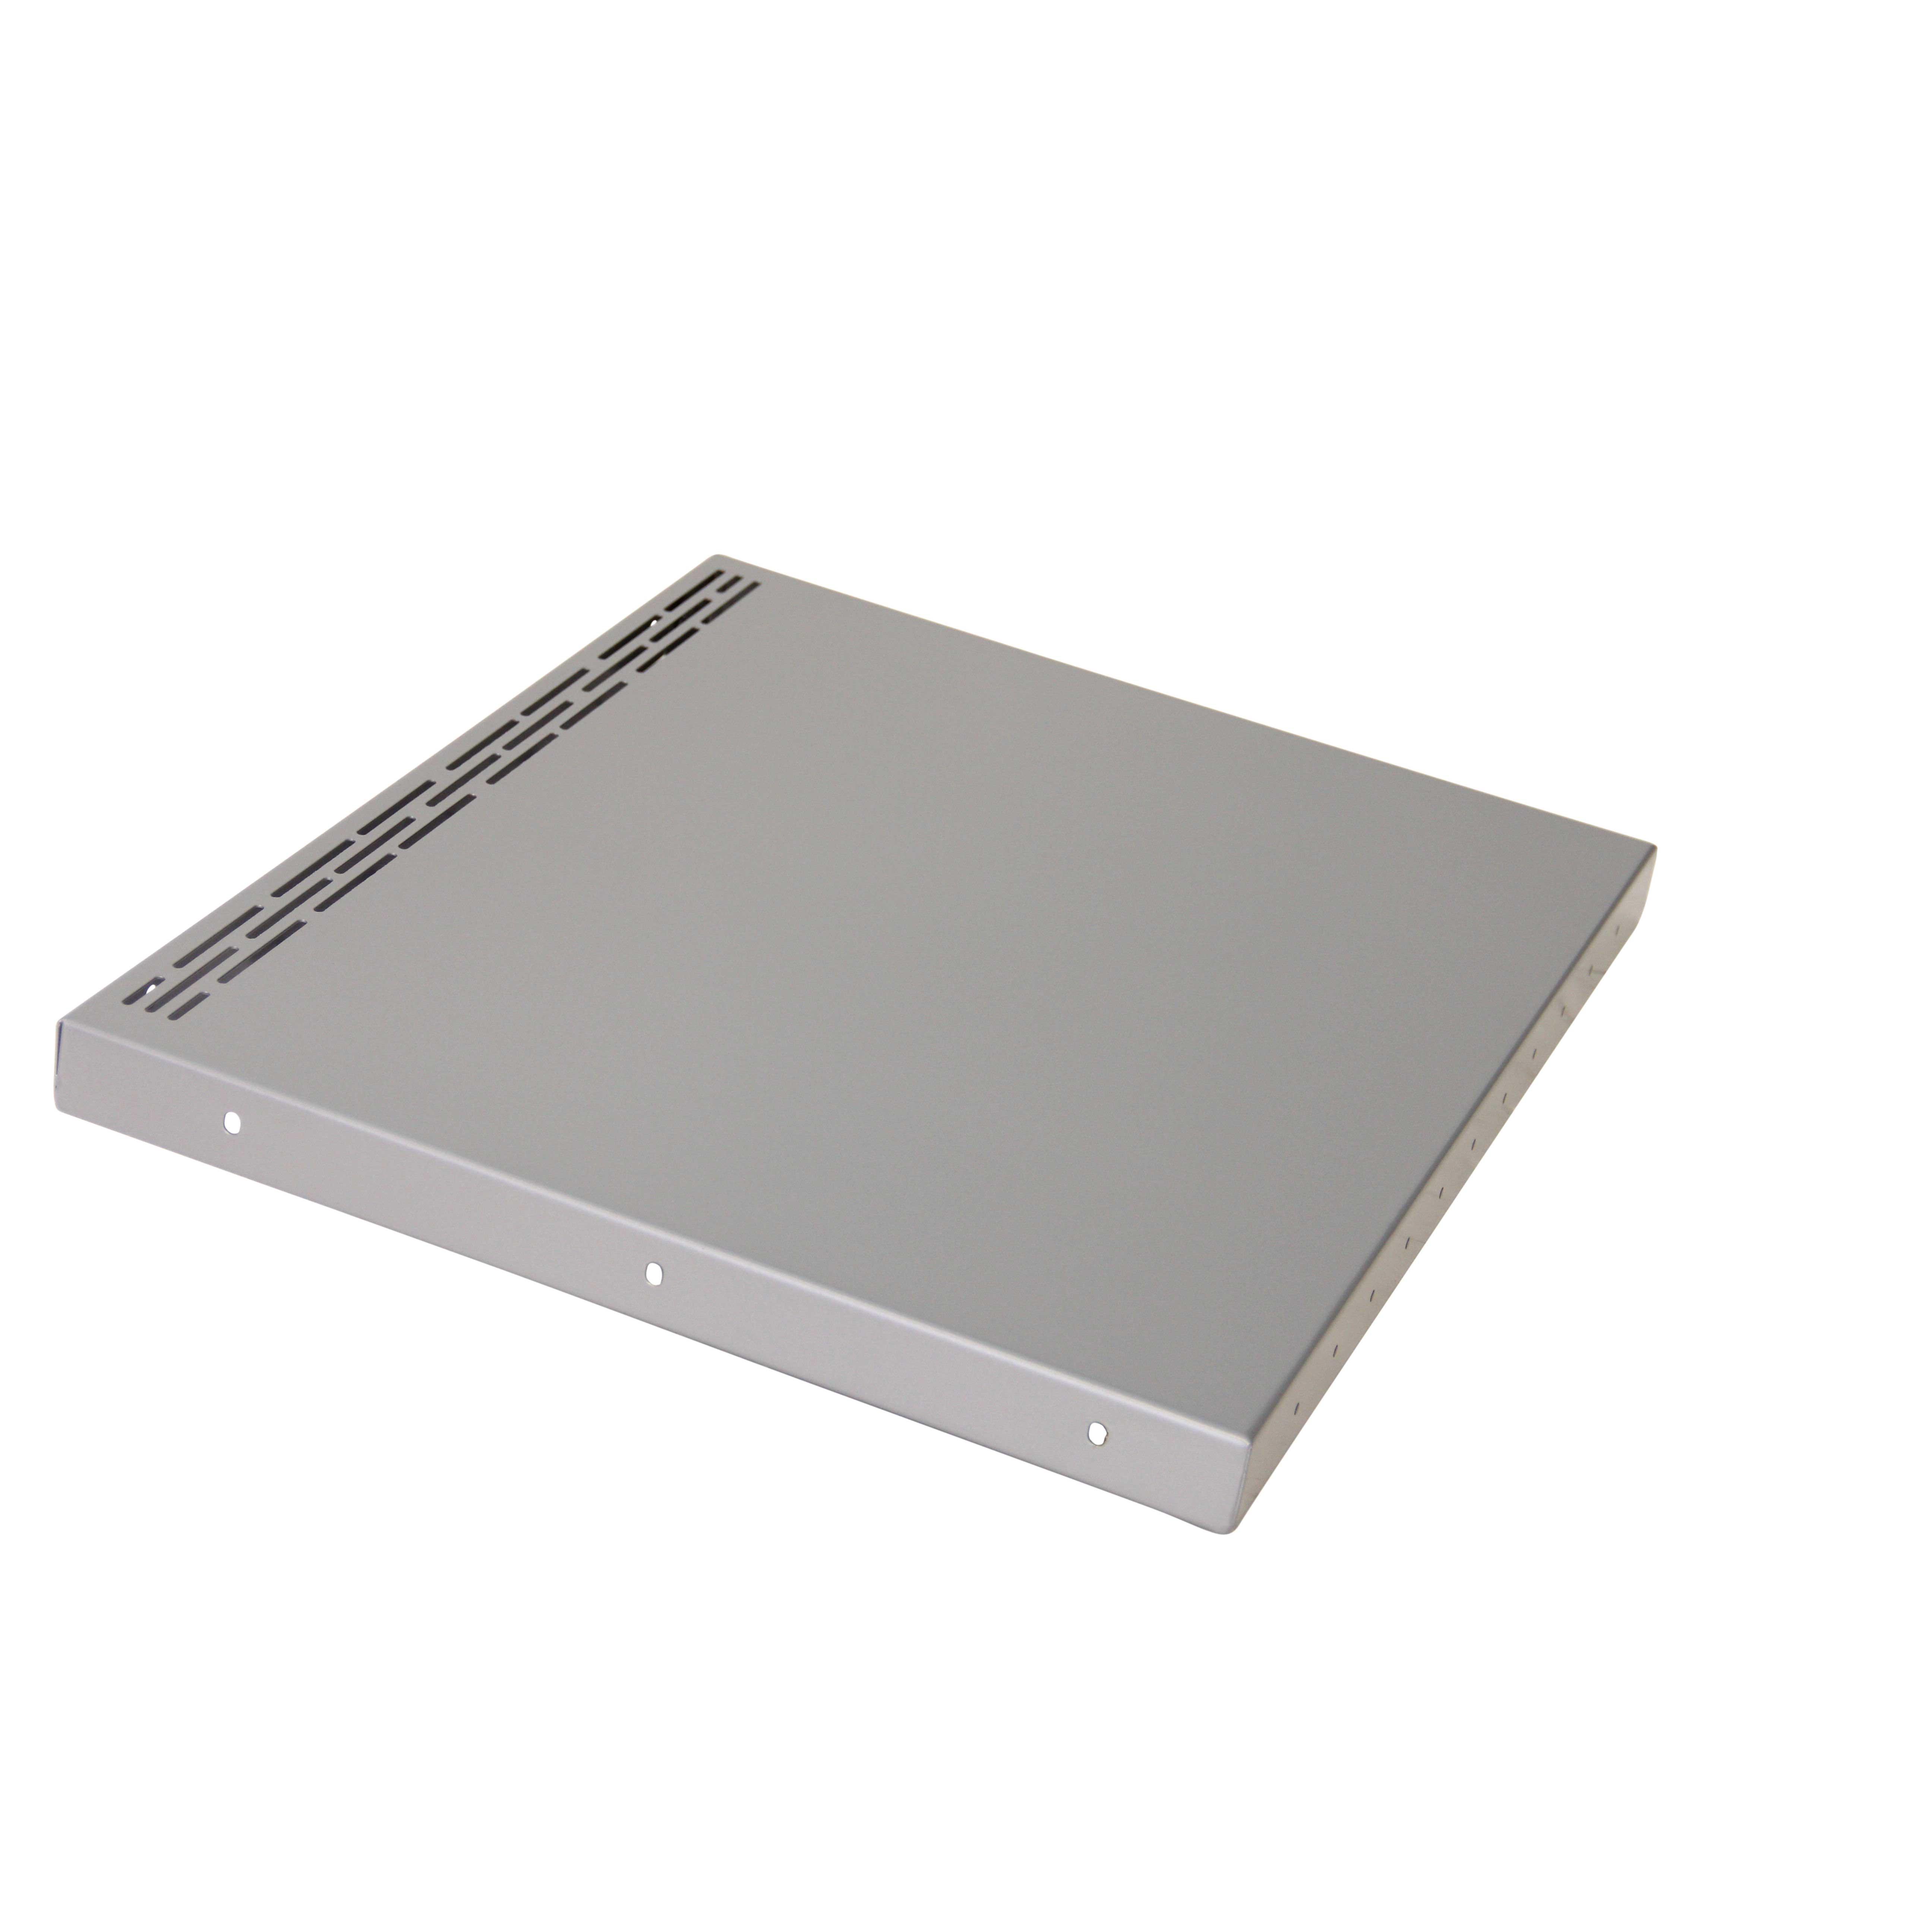 G520-E900-W1